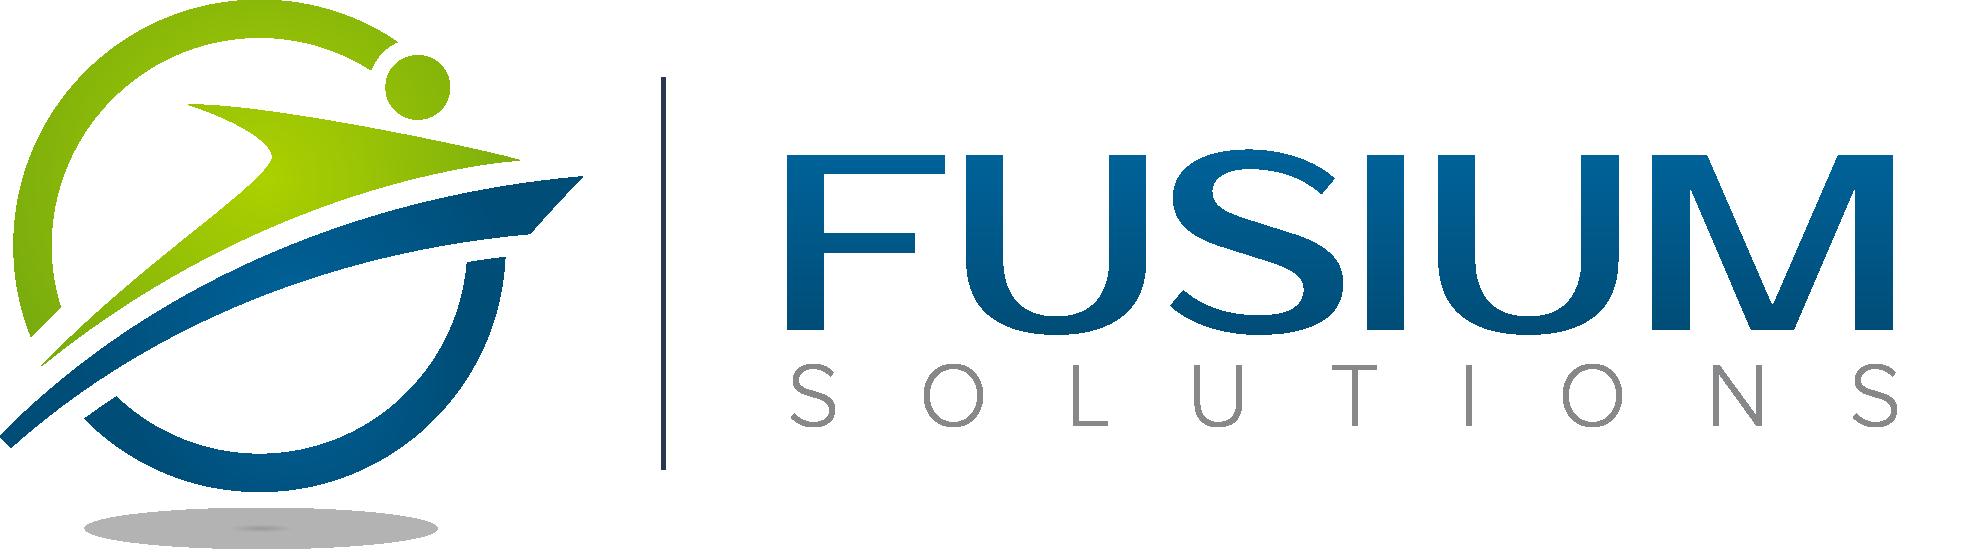 fusium solutions logo